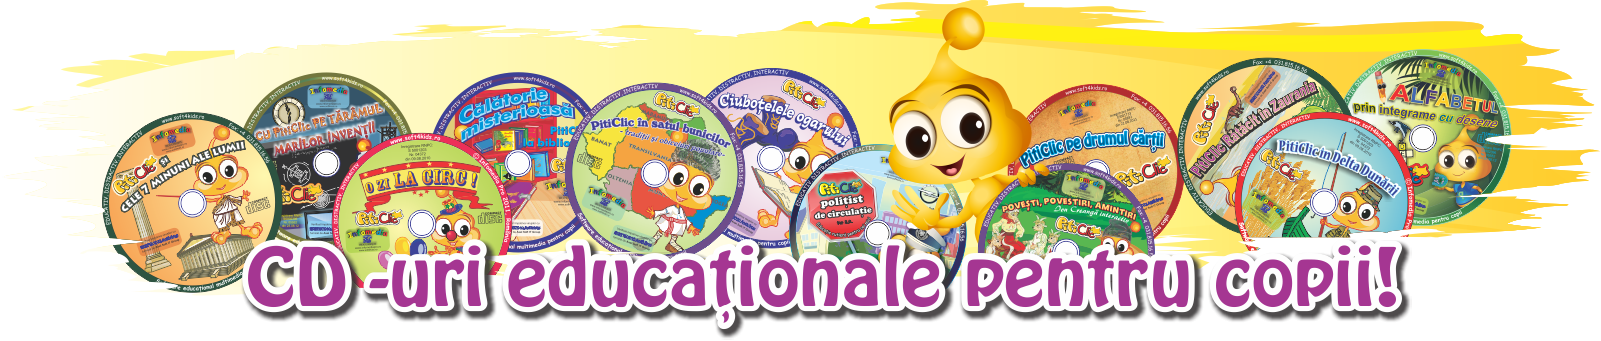 CD-uri educaționale pentru copii!